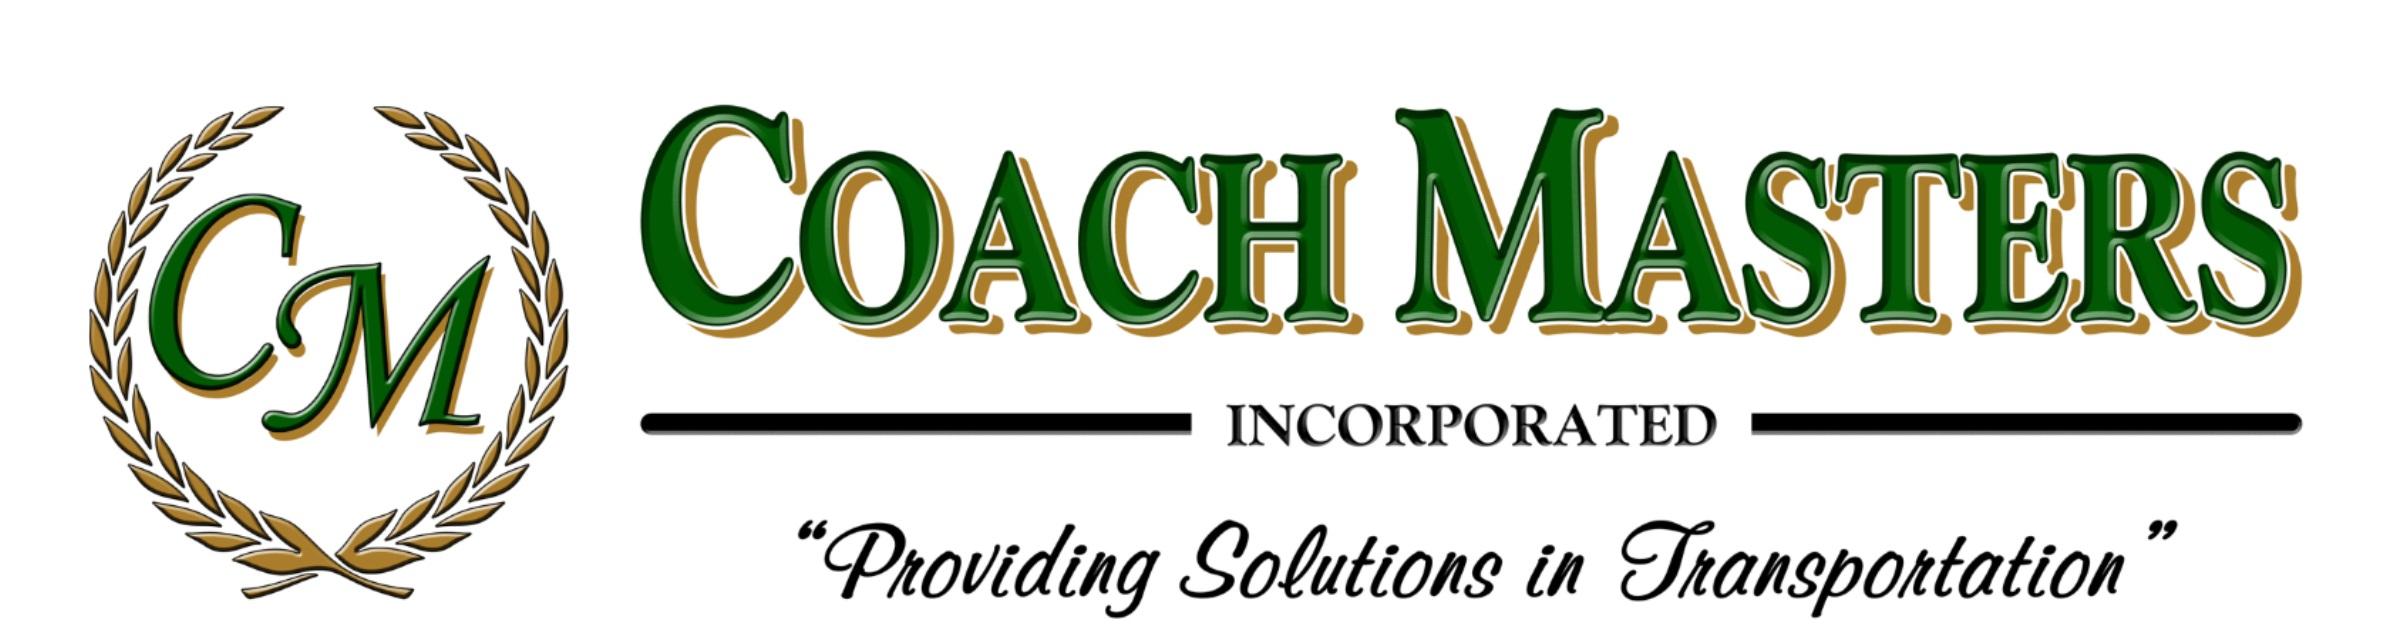 Coach Master's Inc logo